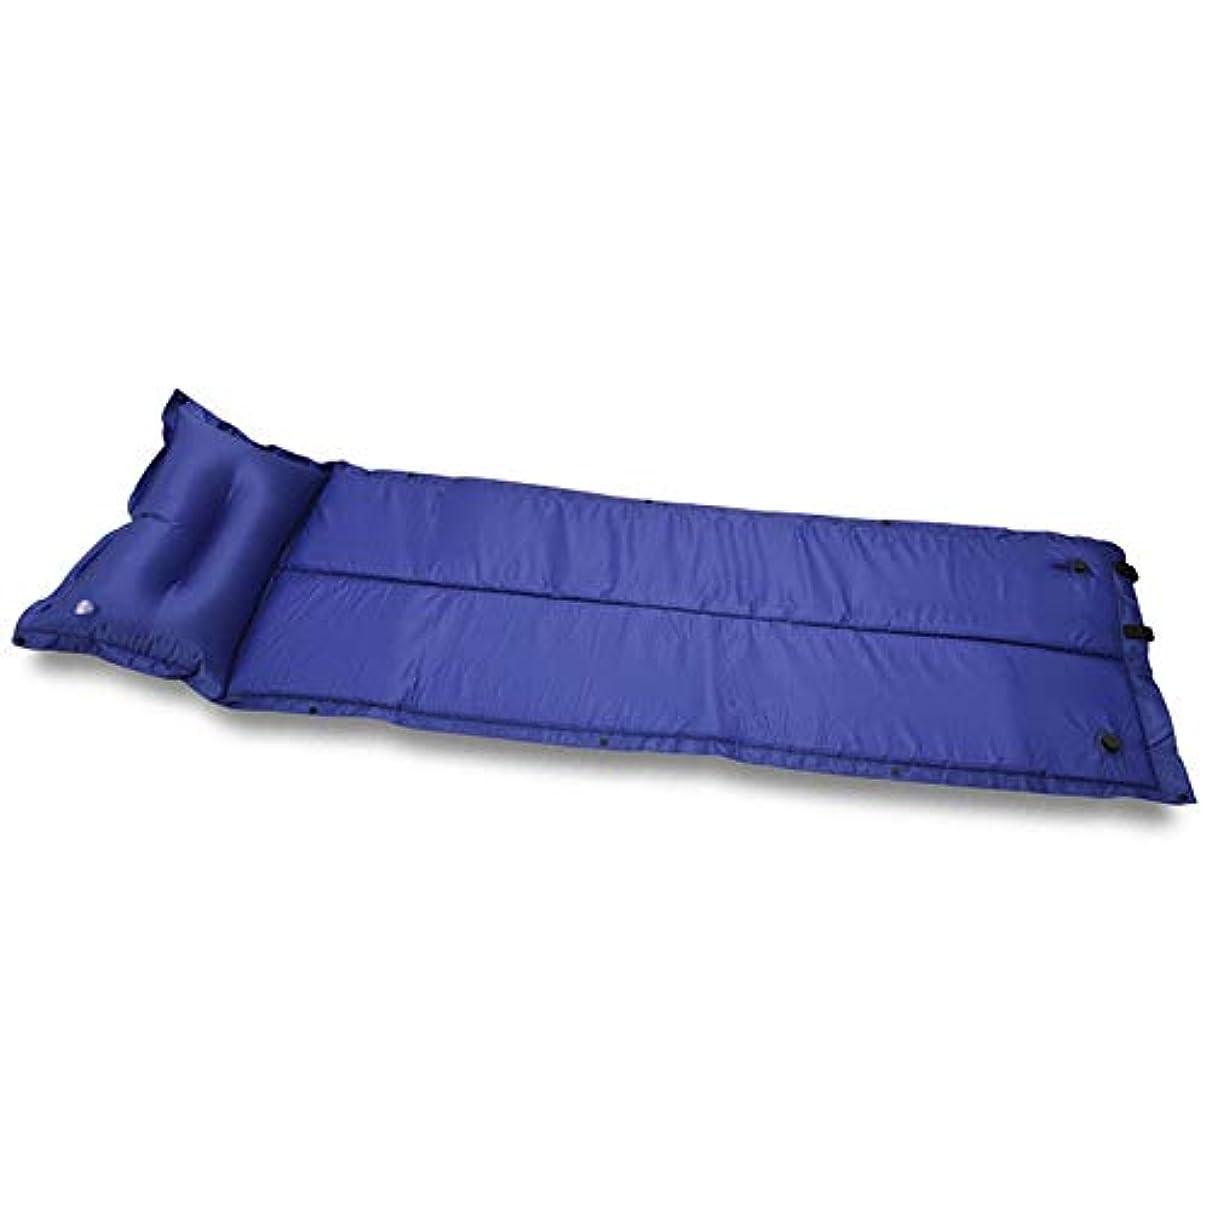 病気だと思う闇学部膨脹可能なベッド枕が付いている屋外の自動膨脹可能なベッド膨脹可能なベッドは接続することができます膨脹可能なキャンプの湿気防止の膨脹可能なベッド(色:A)